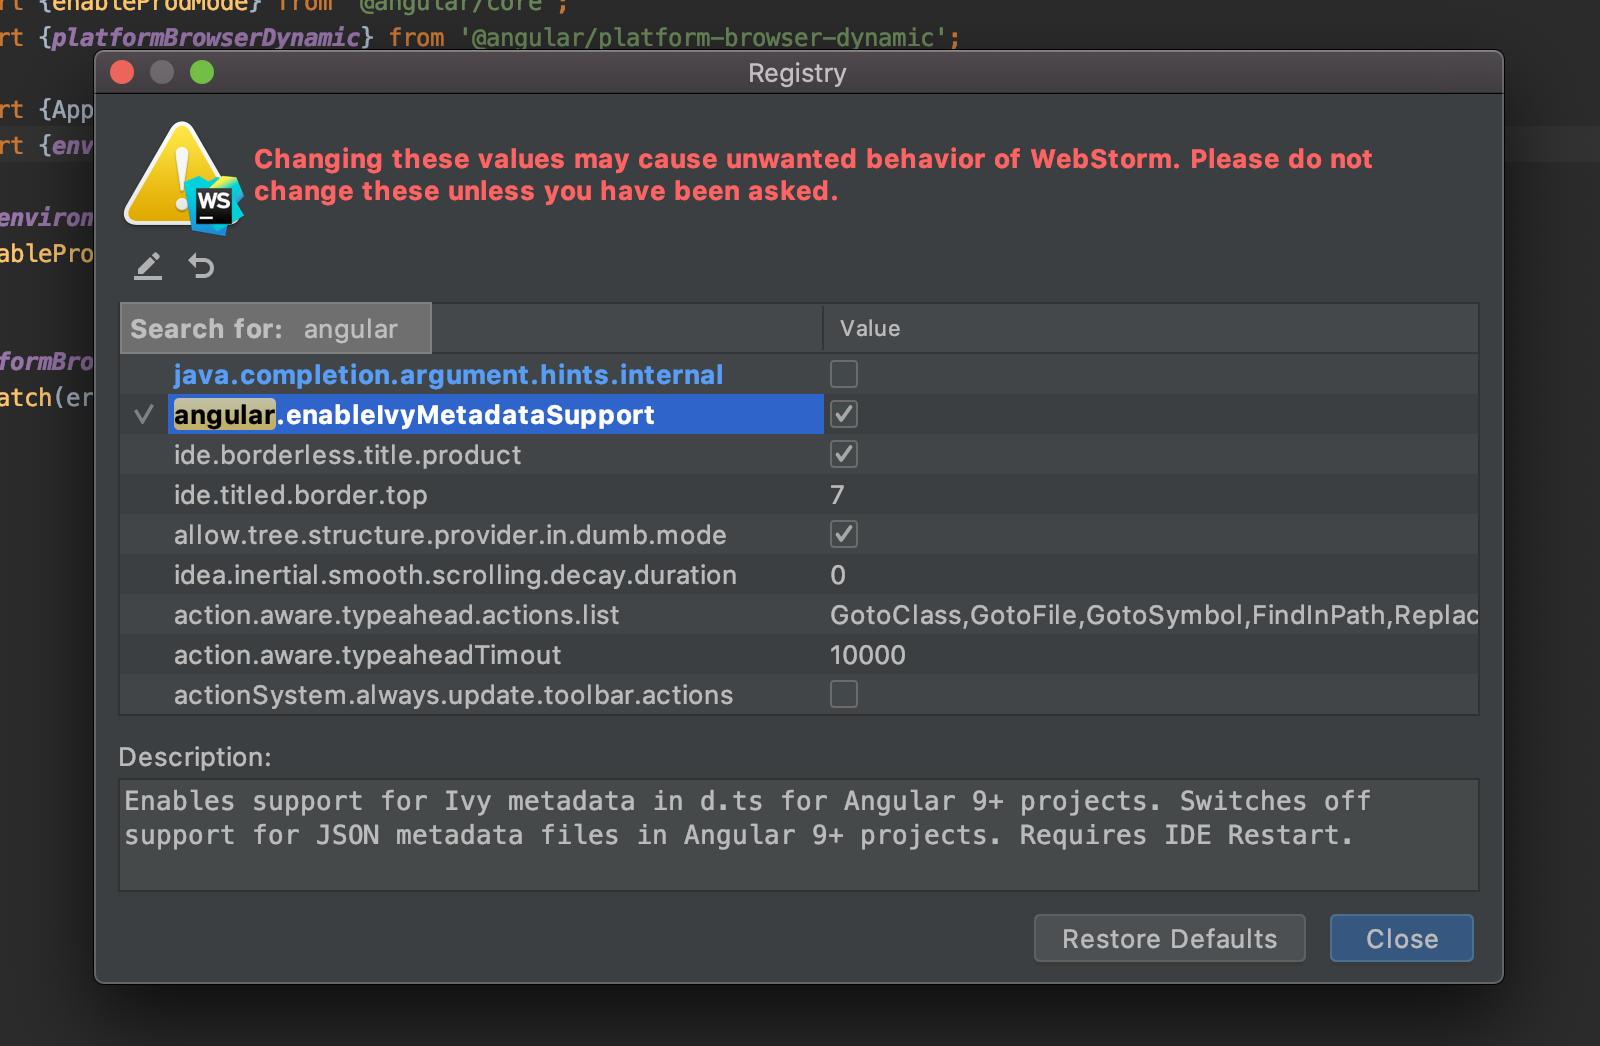 enabling-ivy-metadata-support